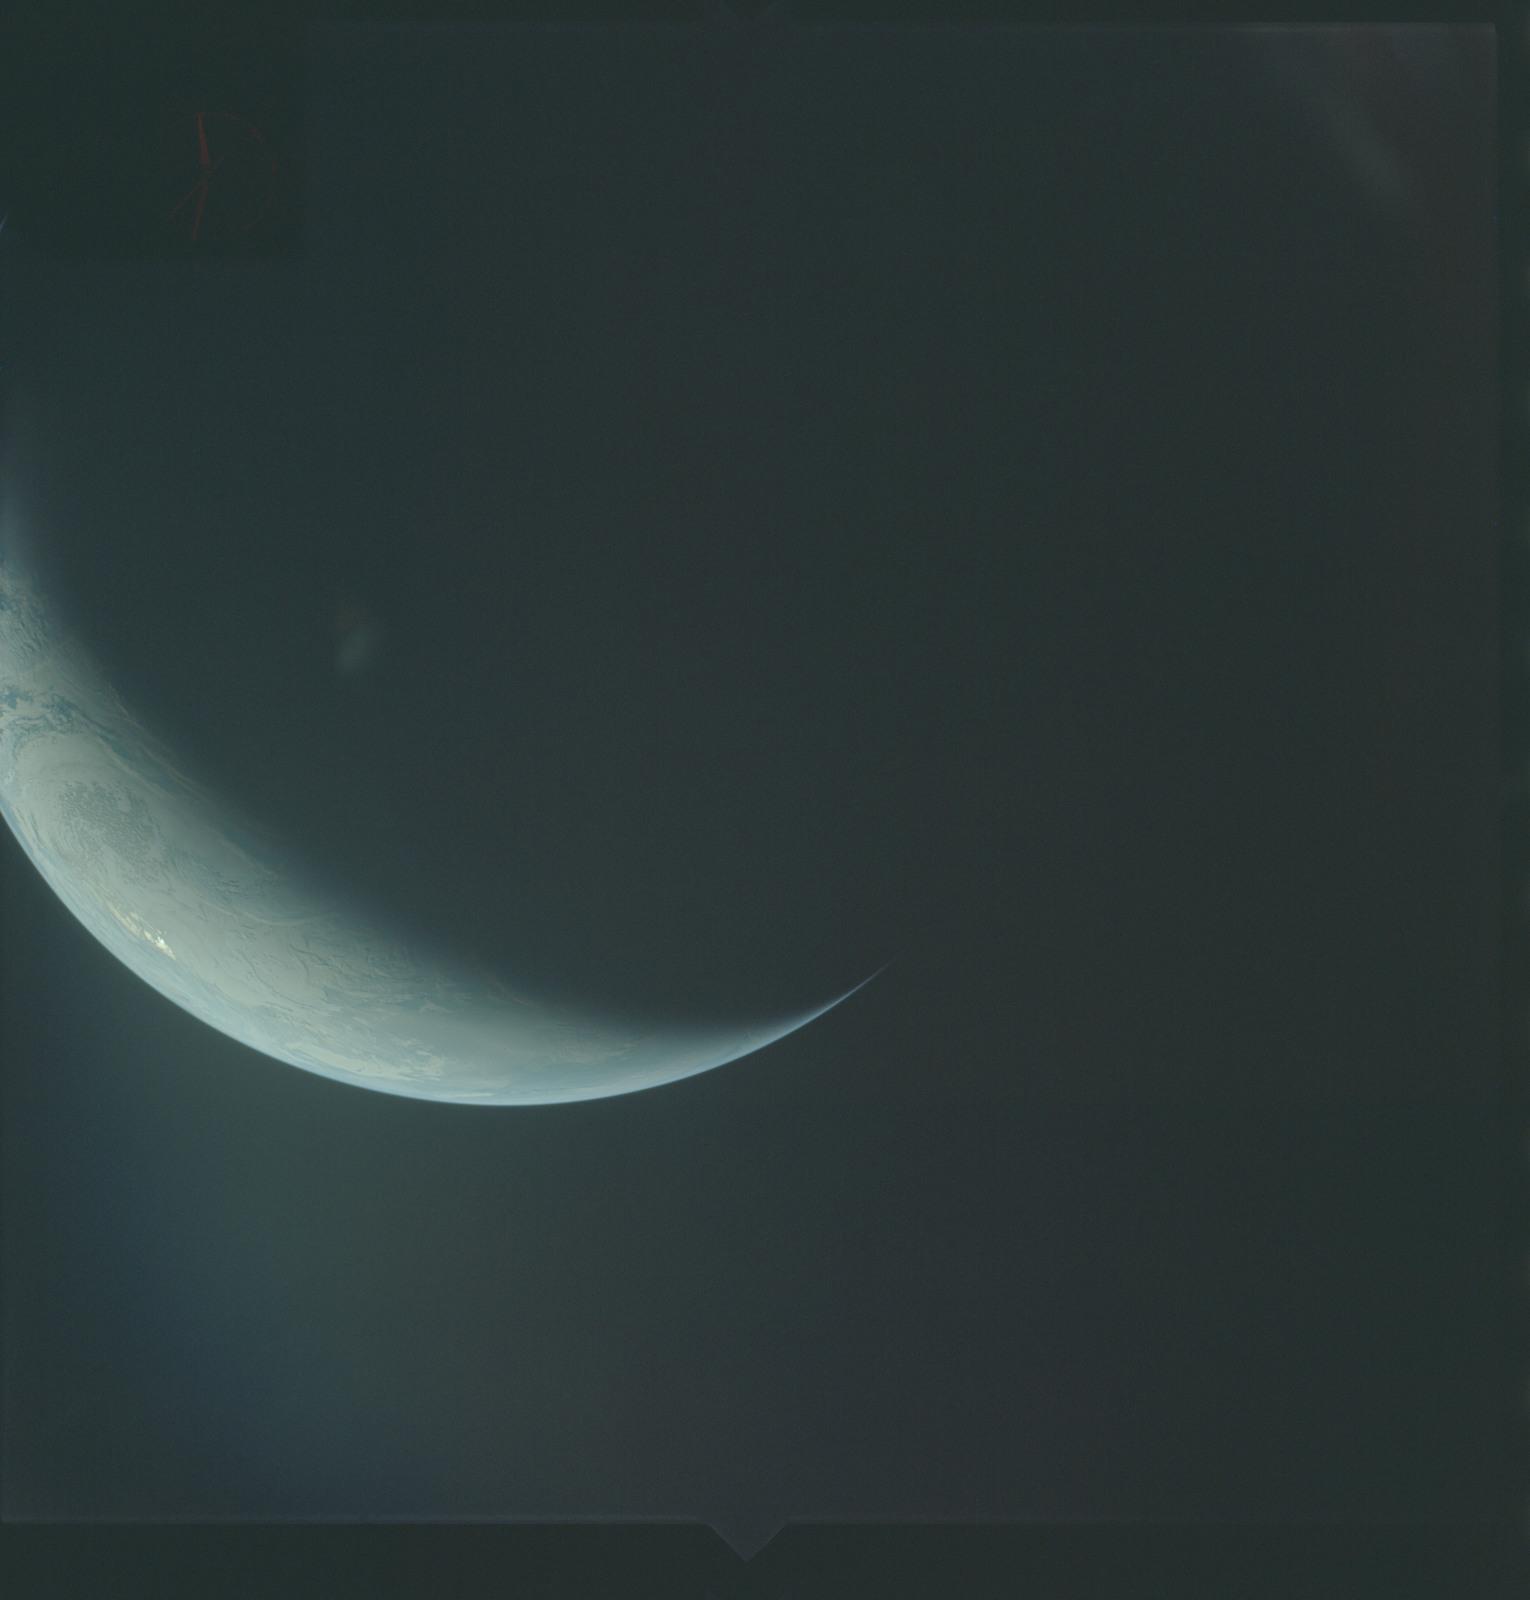 AS04-01-697 - Apollo 4